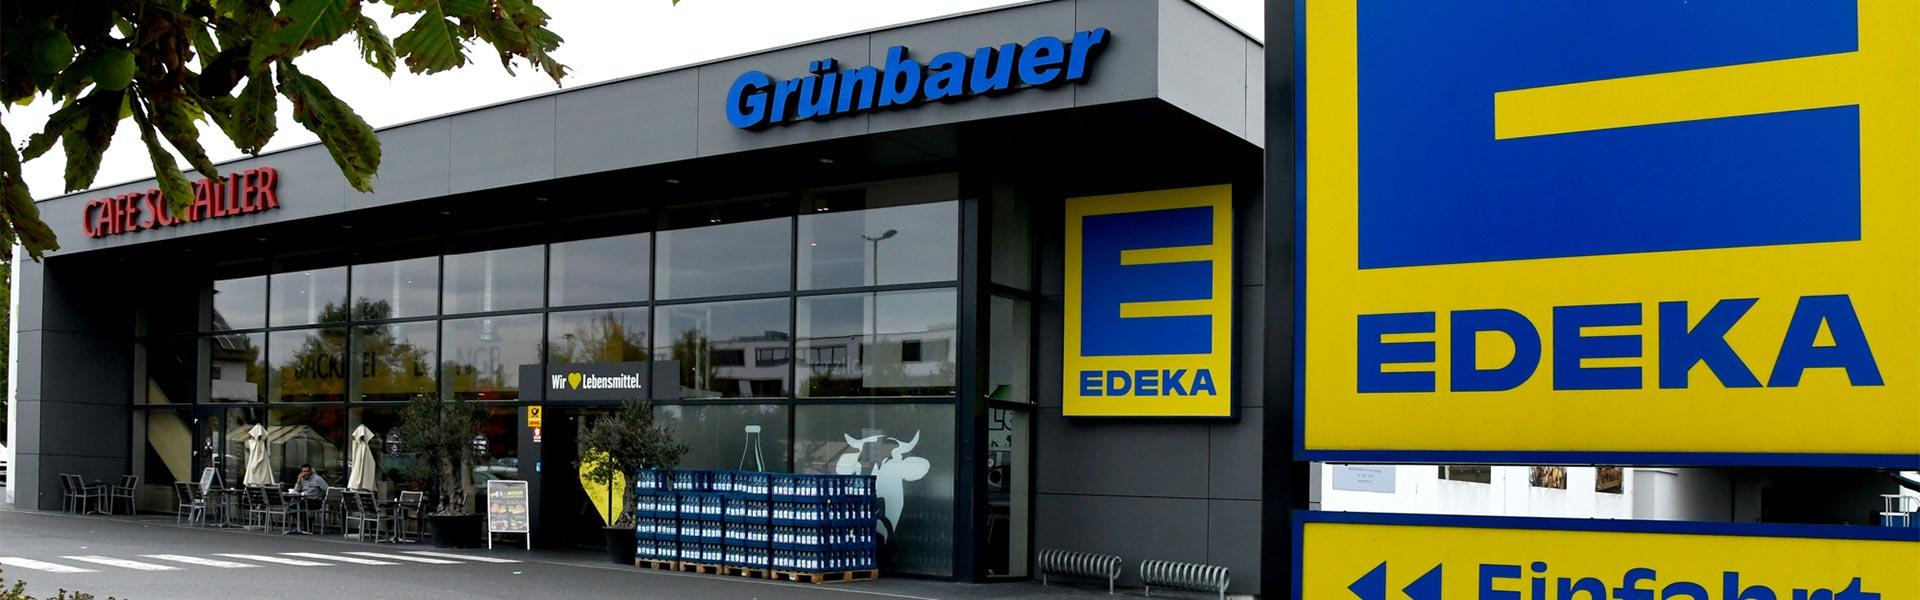 Supermarkt EDEKA Grünbauer in Weiden